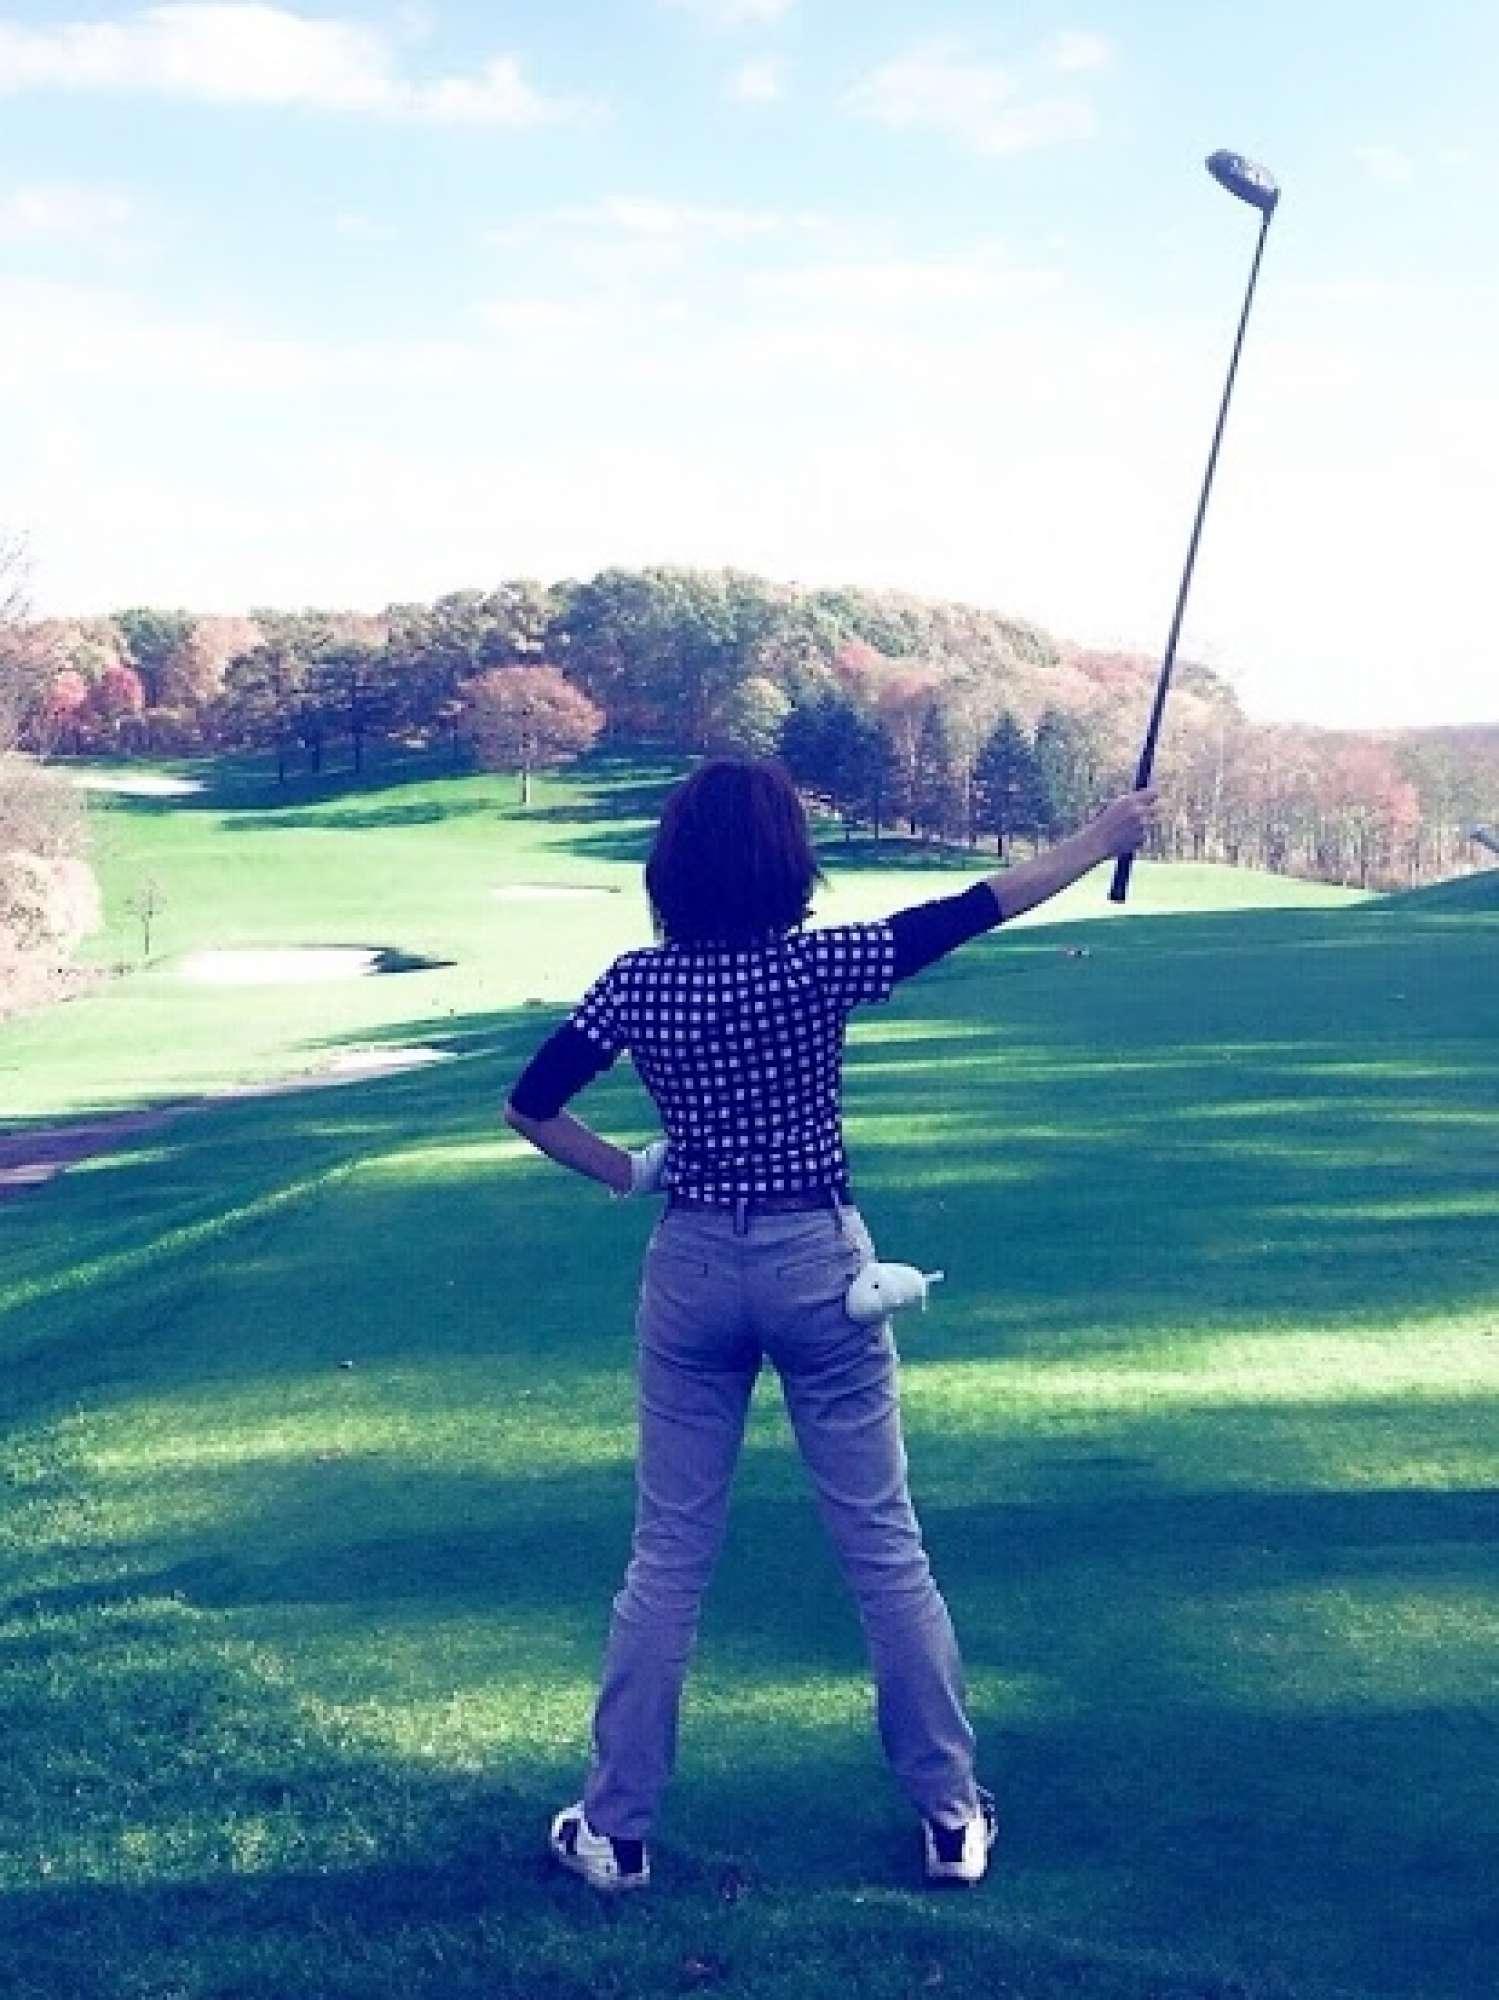 - いたずら以外にもたくさんの趣味があります。以前は水上スキーやジェットが好きで毎週通っていましたが、ここ最近はゴルフをよくしています。(写真はゴルフ場での決めポーズ) -